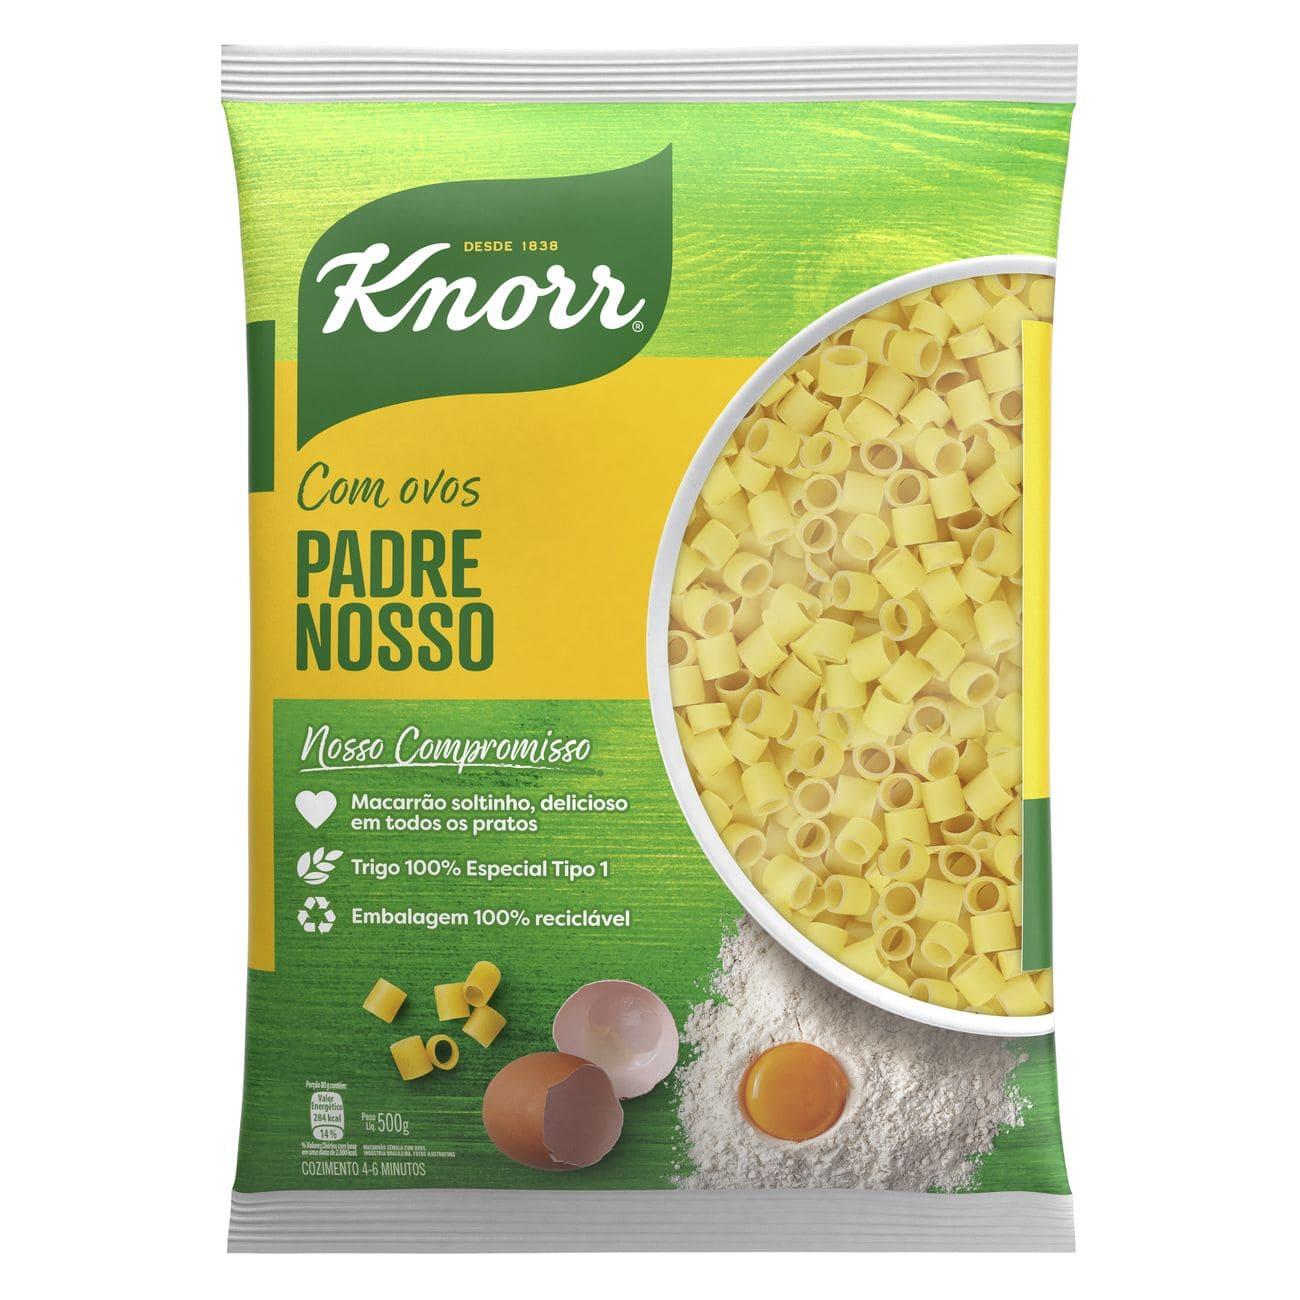 Macarrão Padre Nosso Knorr Sêmola Com Ovos 500g